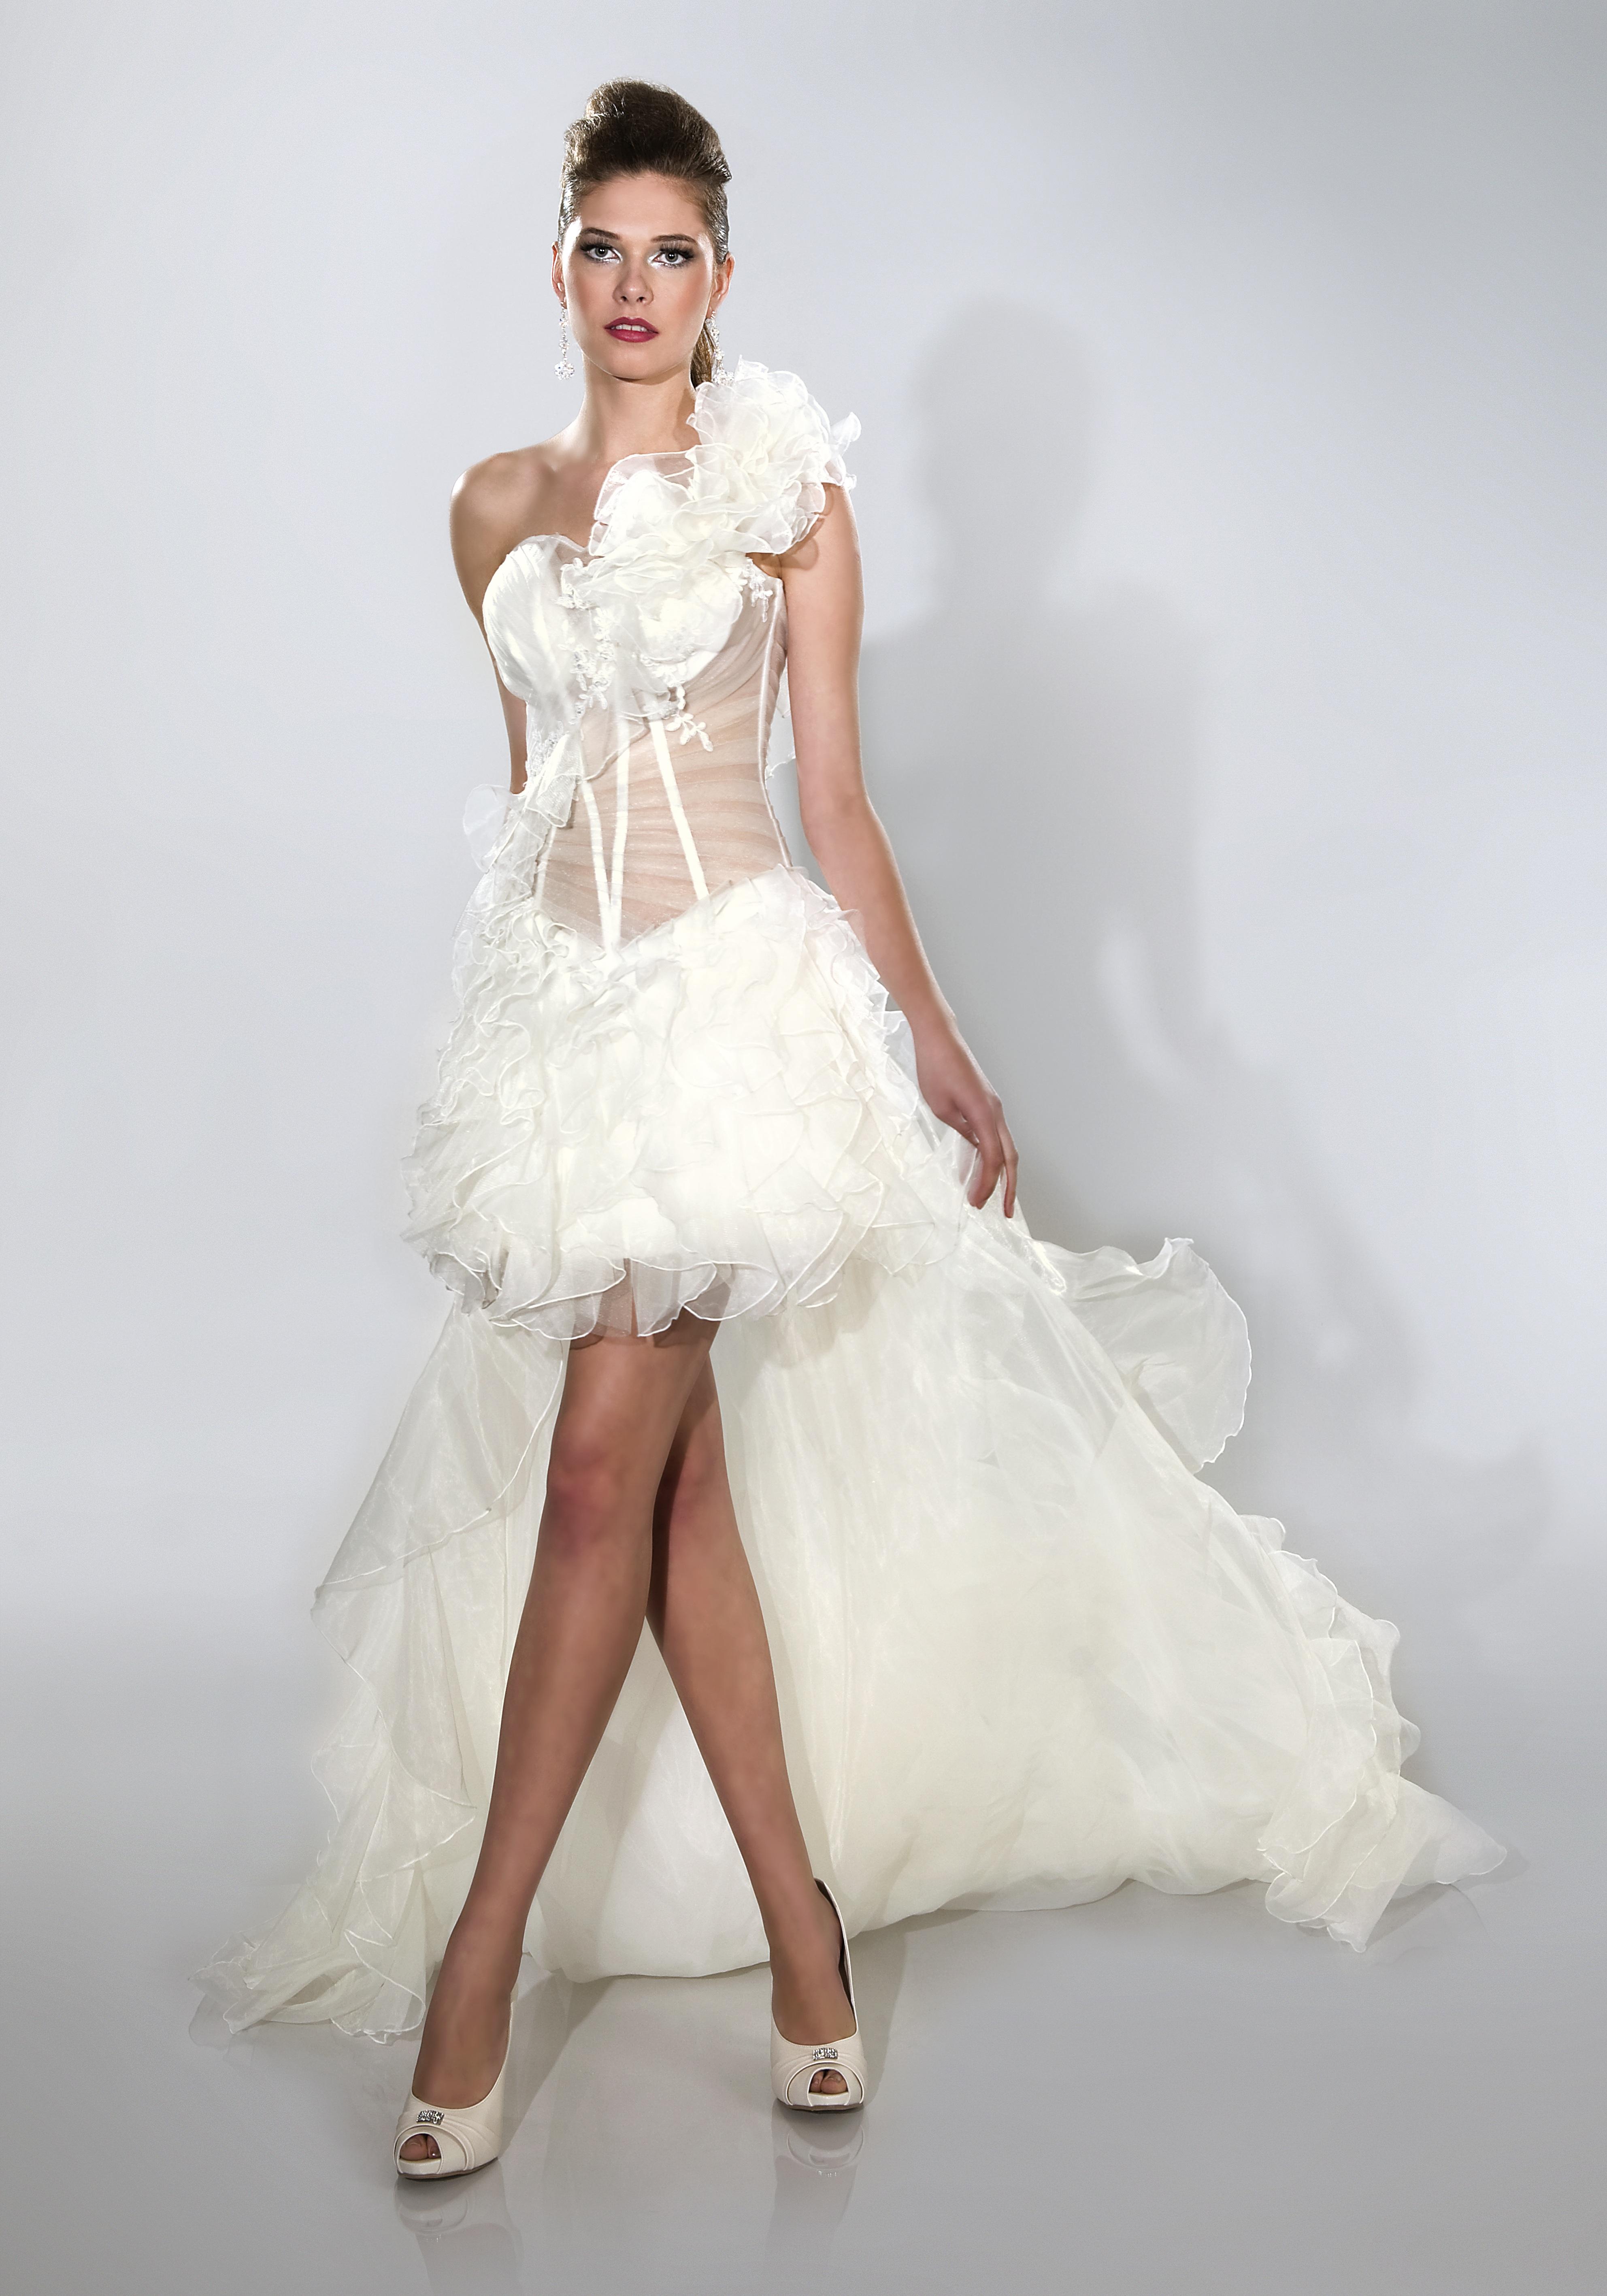 ... , Brautmode online bestellen - Hochzeitskleid abnehmbare Schleppe